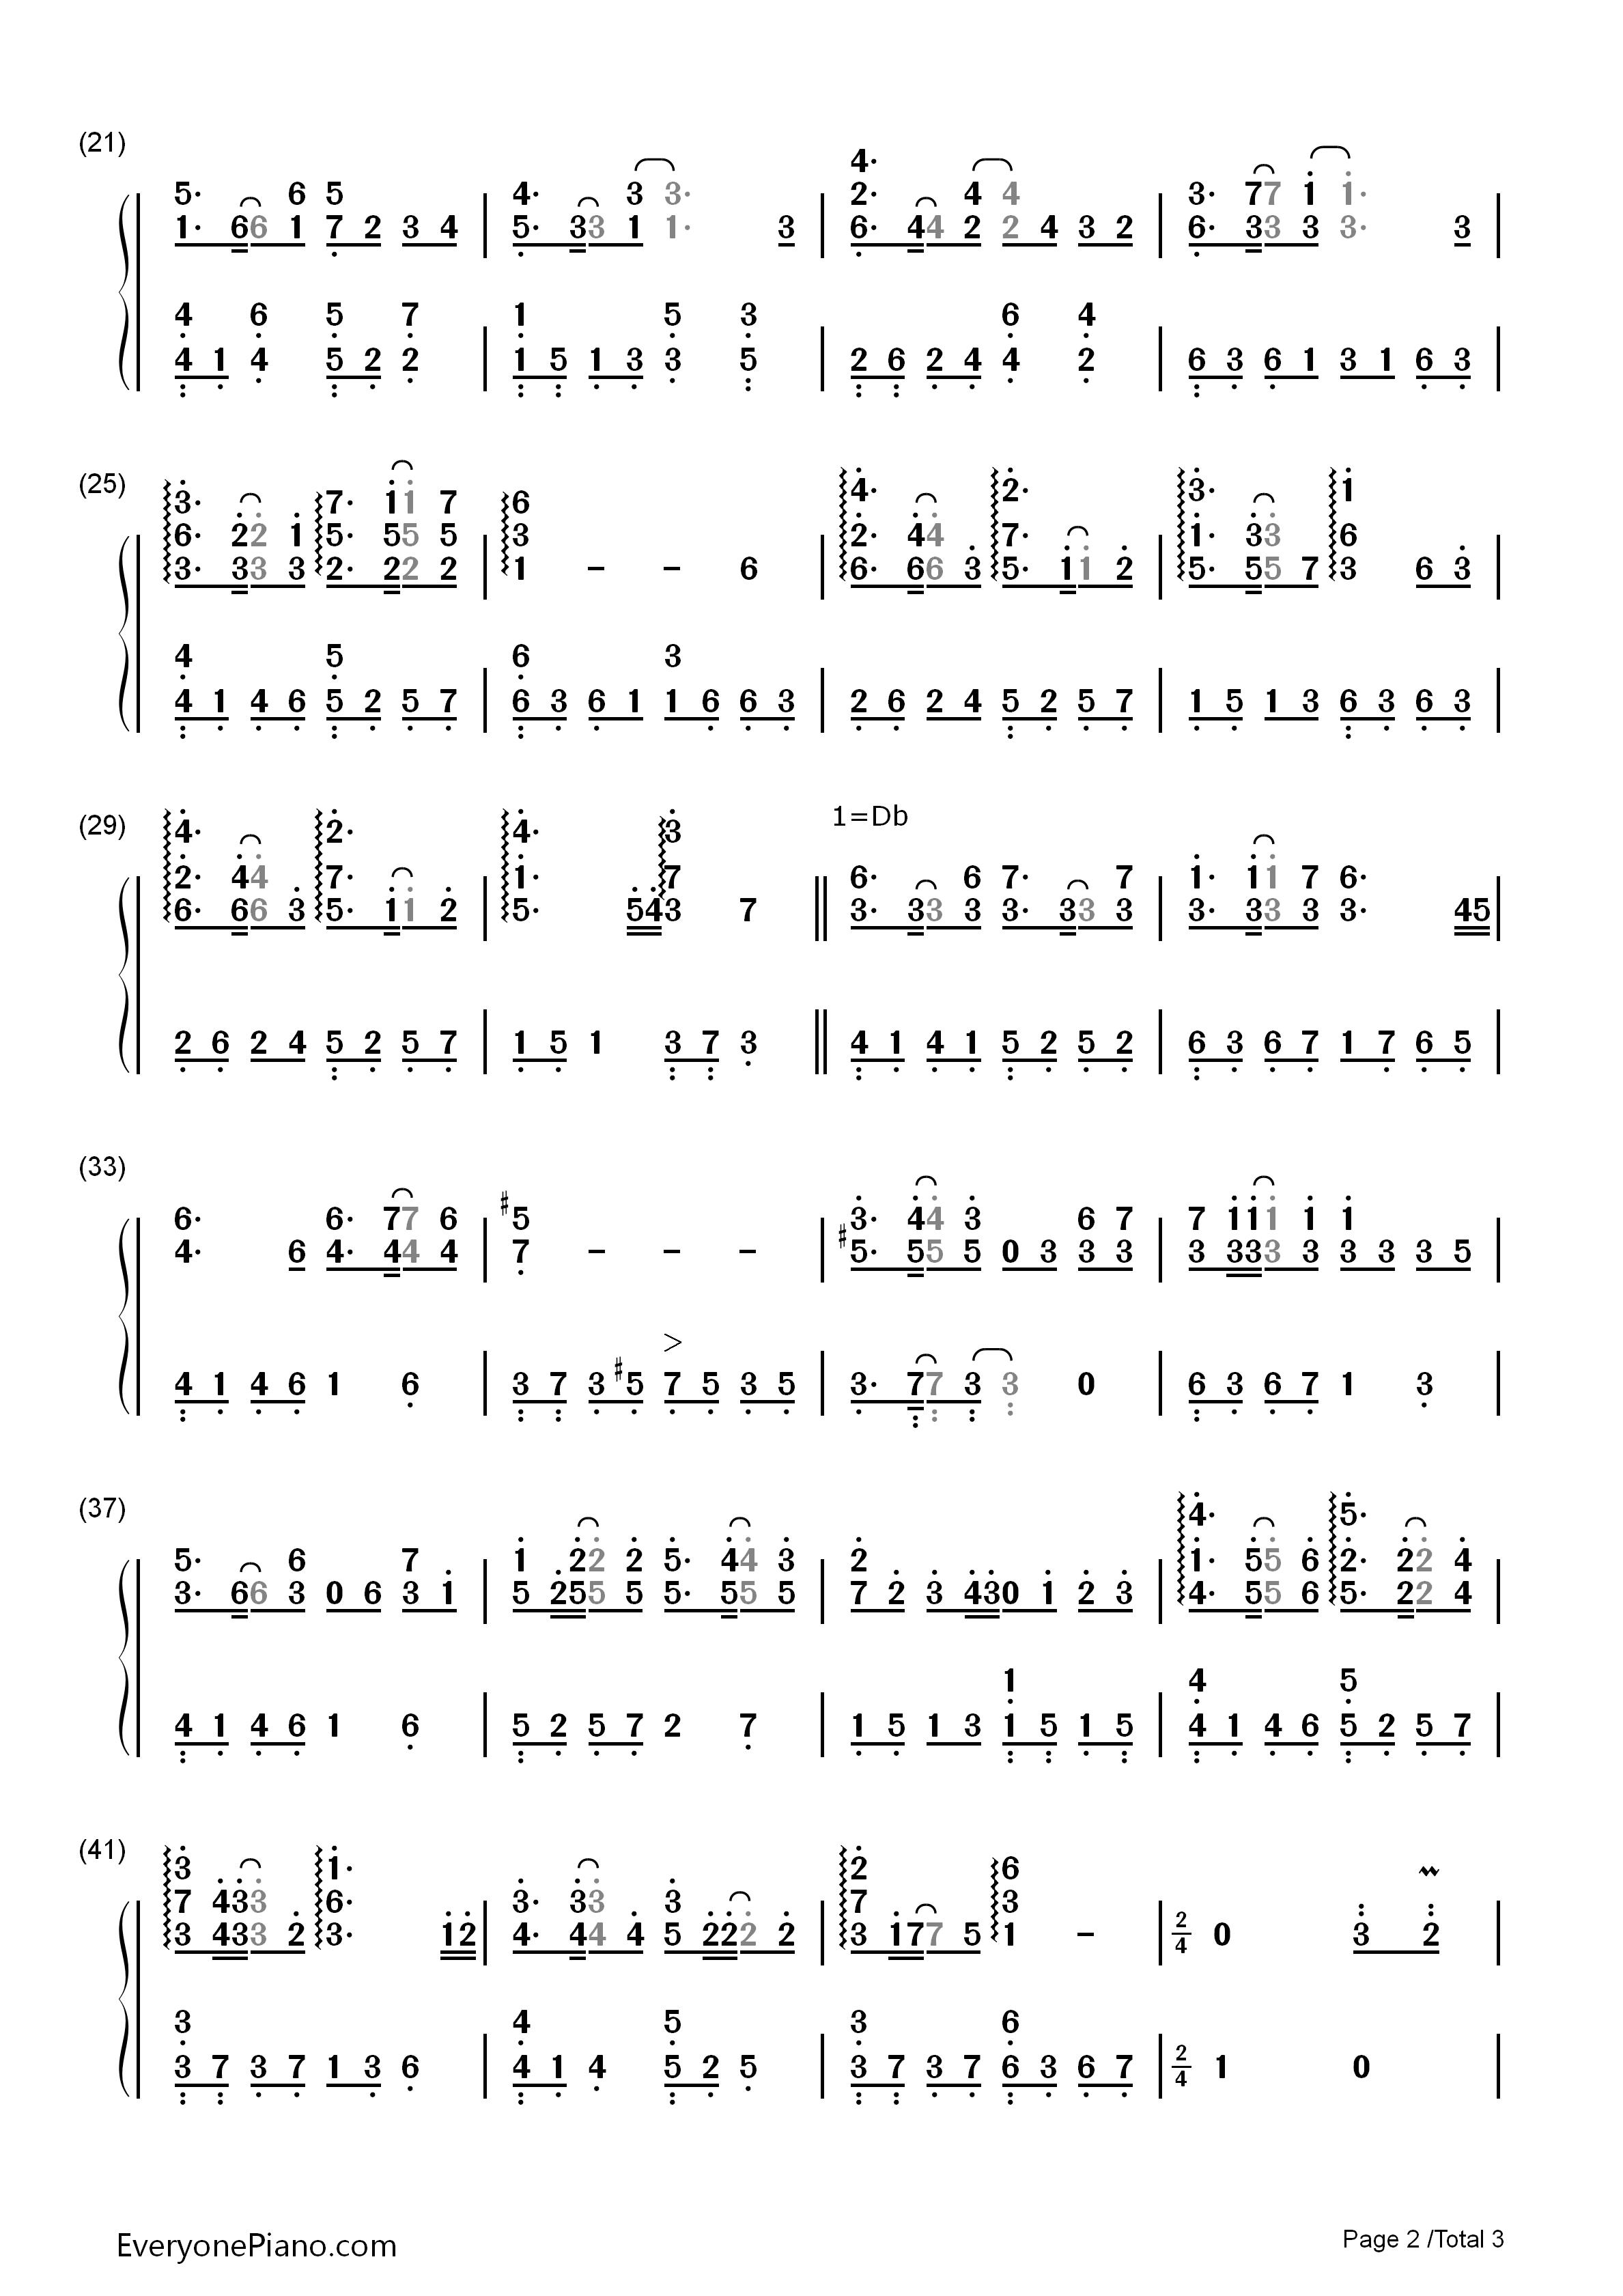 钢琴曲谱 流行 信仰之名-完整版 信仰之名-完整版双手简谱预览2  }